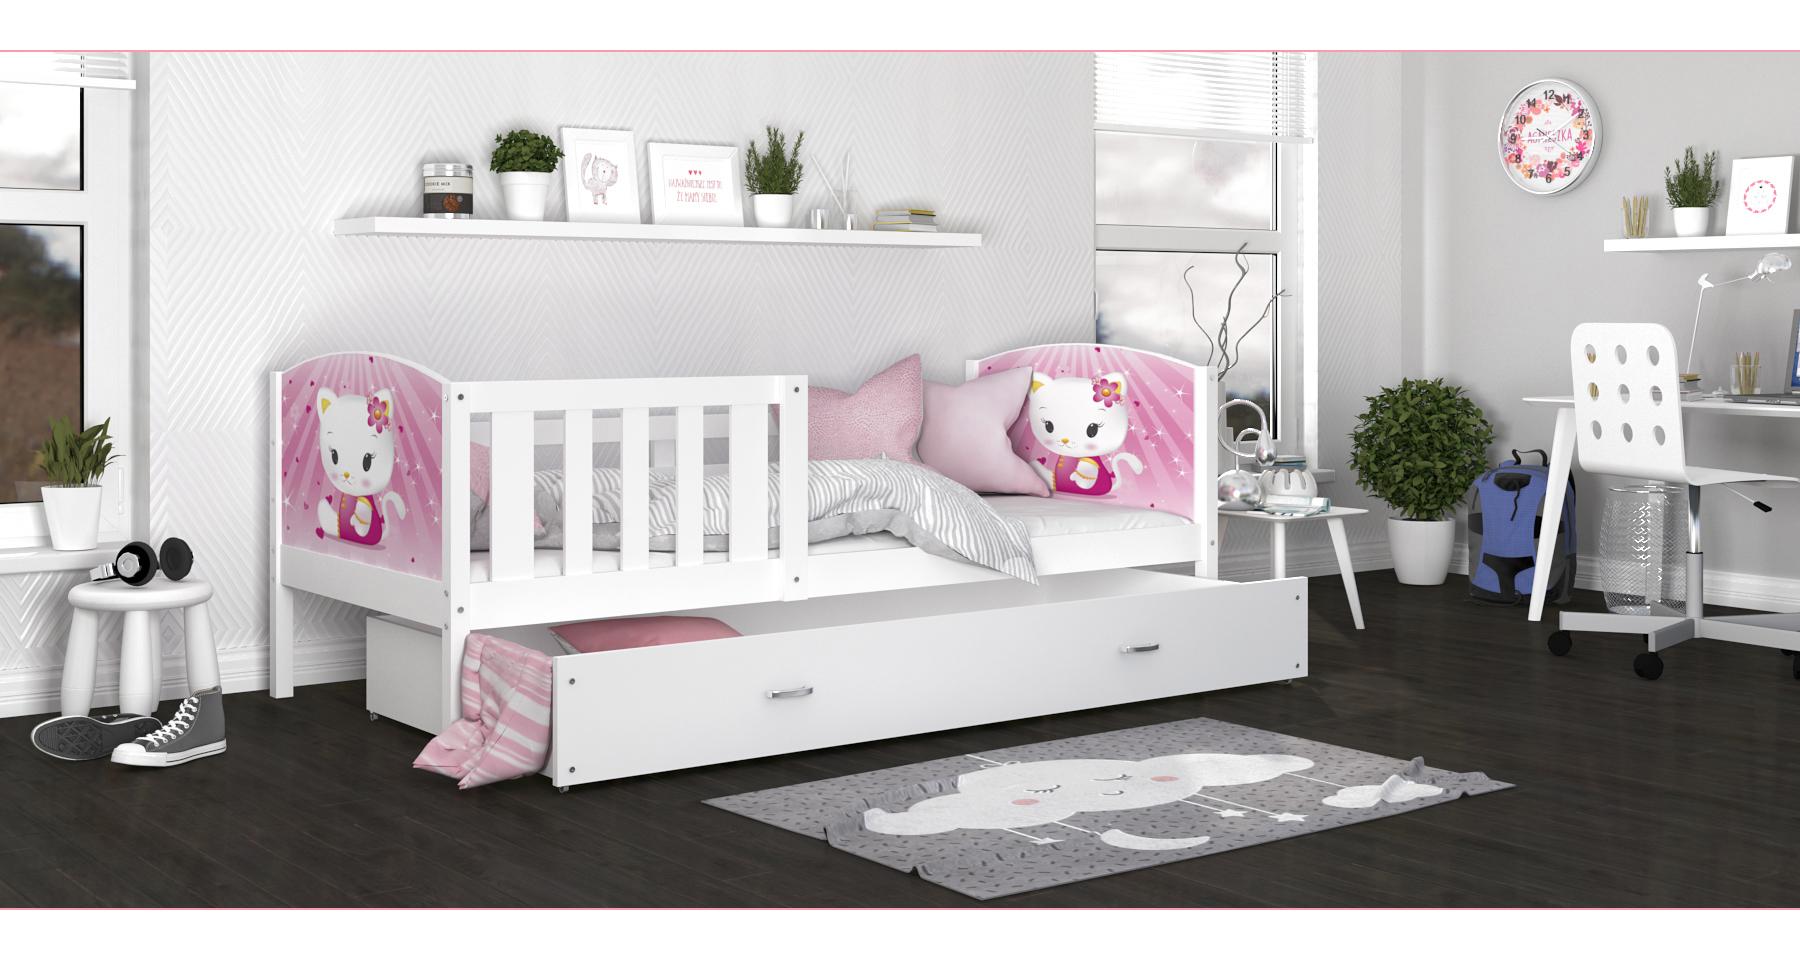 ArtAJ Detská posteľ Tami P / biela Tami rozmer: 160 x 80 cm, Tami typ: bez matraca